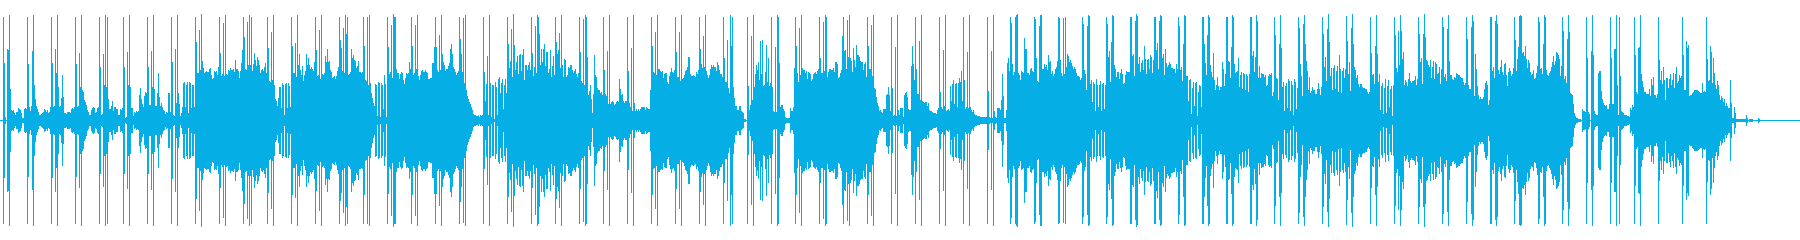 ピアノが印象的なアブストラクトビートの再生済みの波形